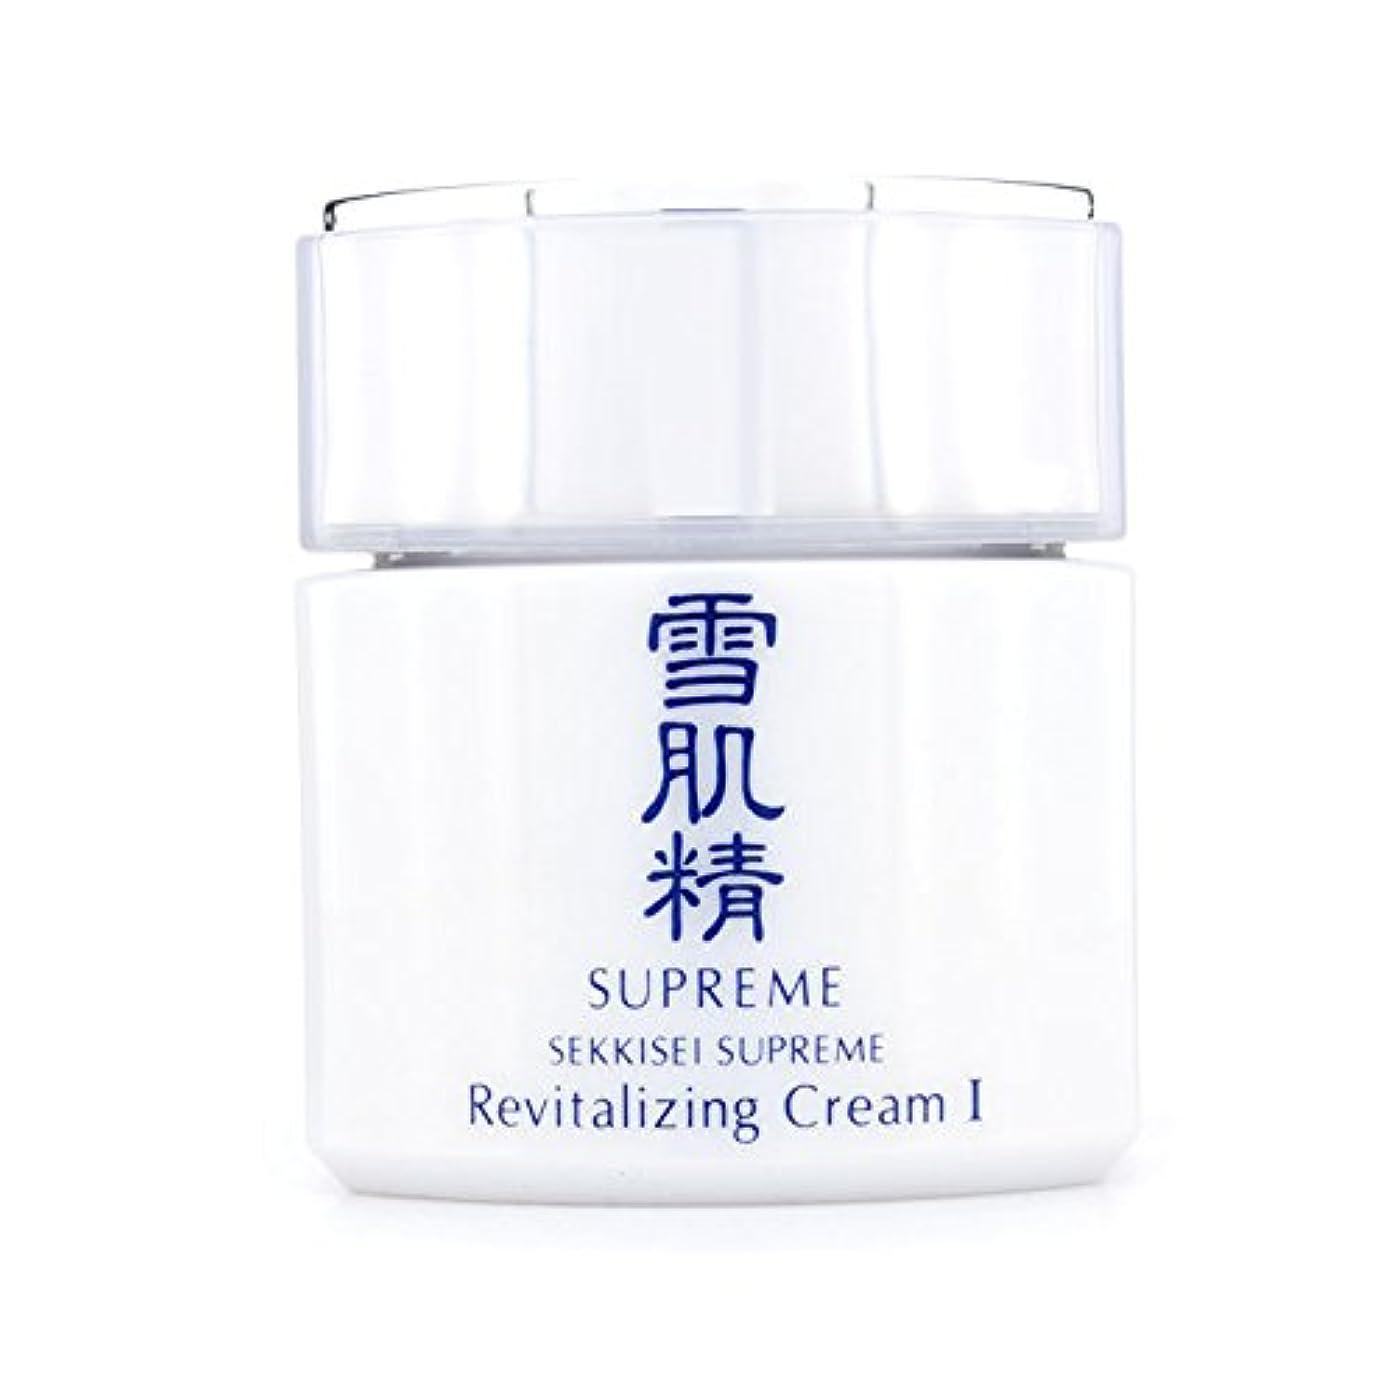 薬を飲むバトルカウボーイコーセー 雪肌精 シュープレム クリーム 40g I